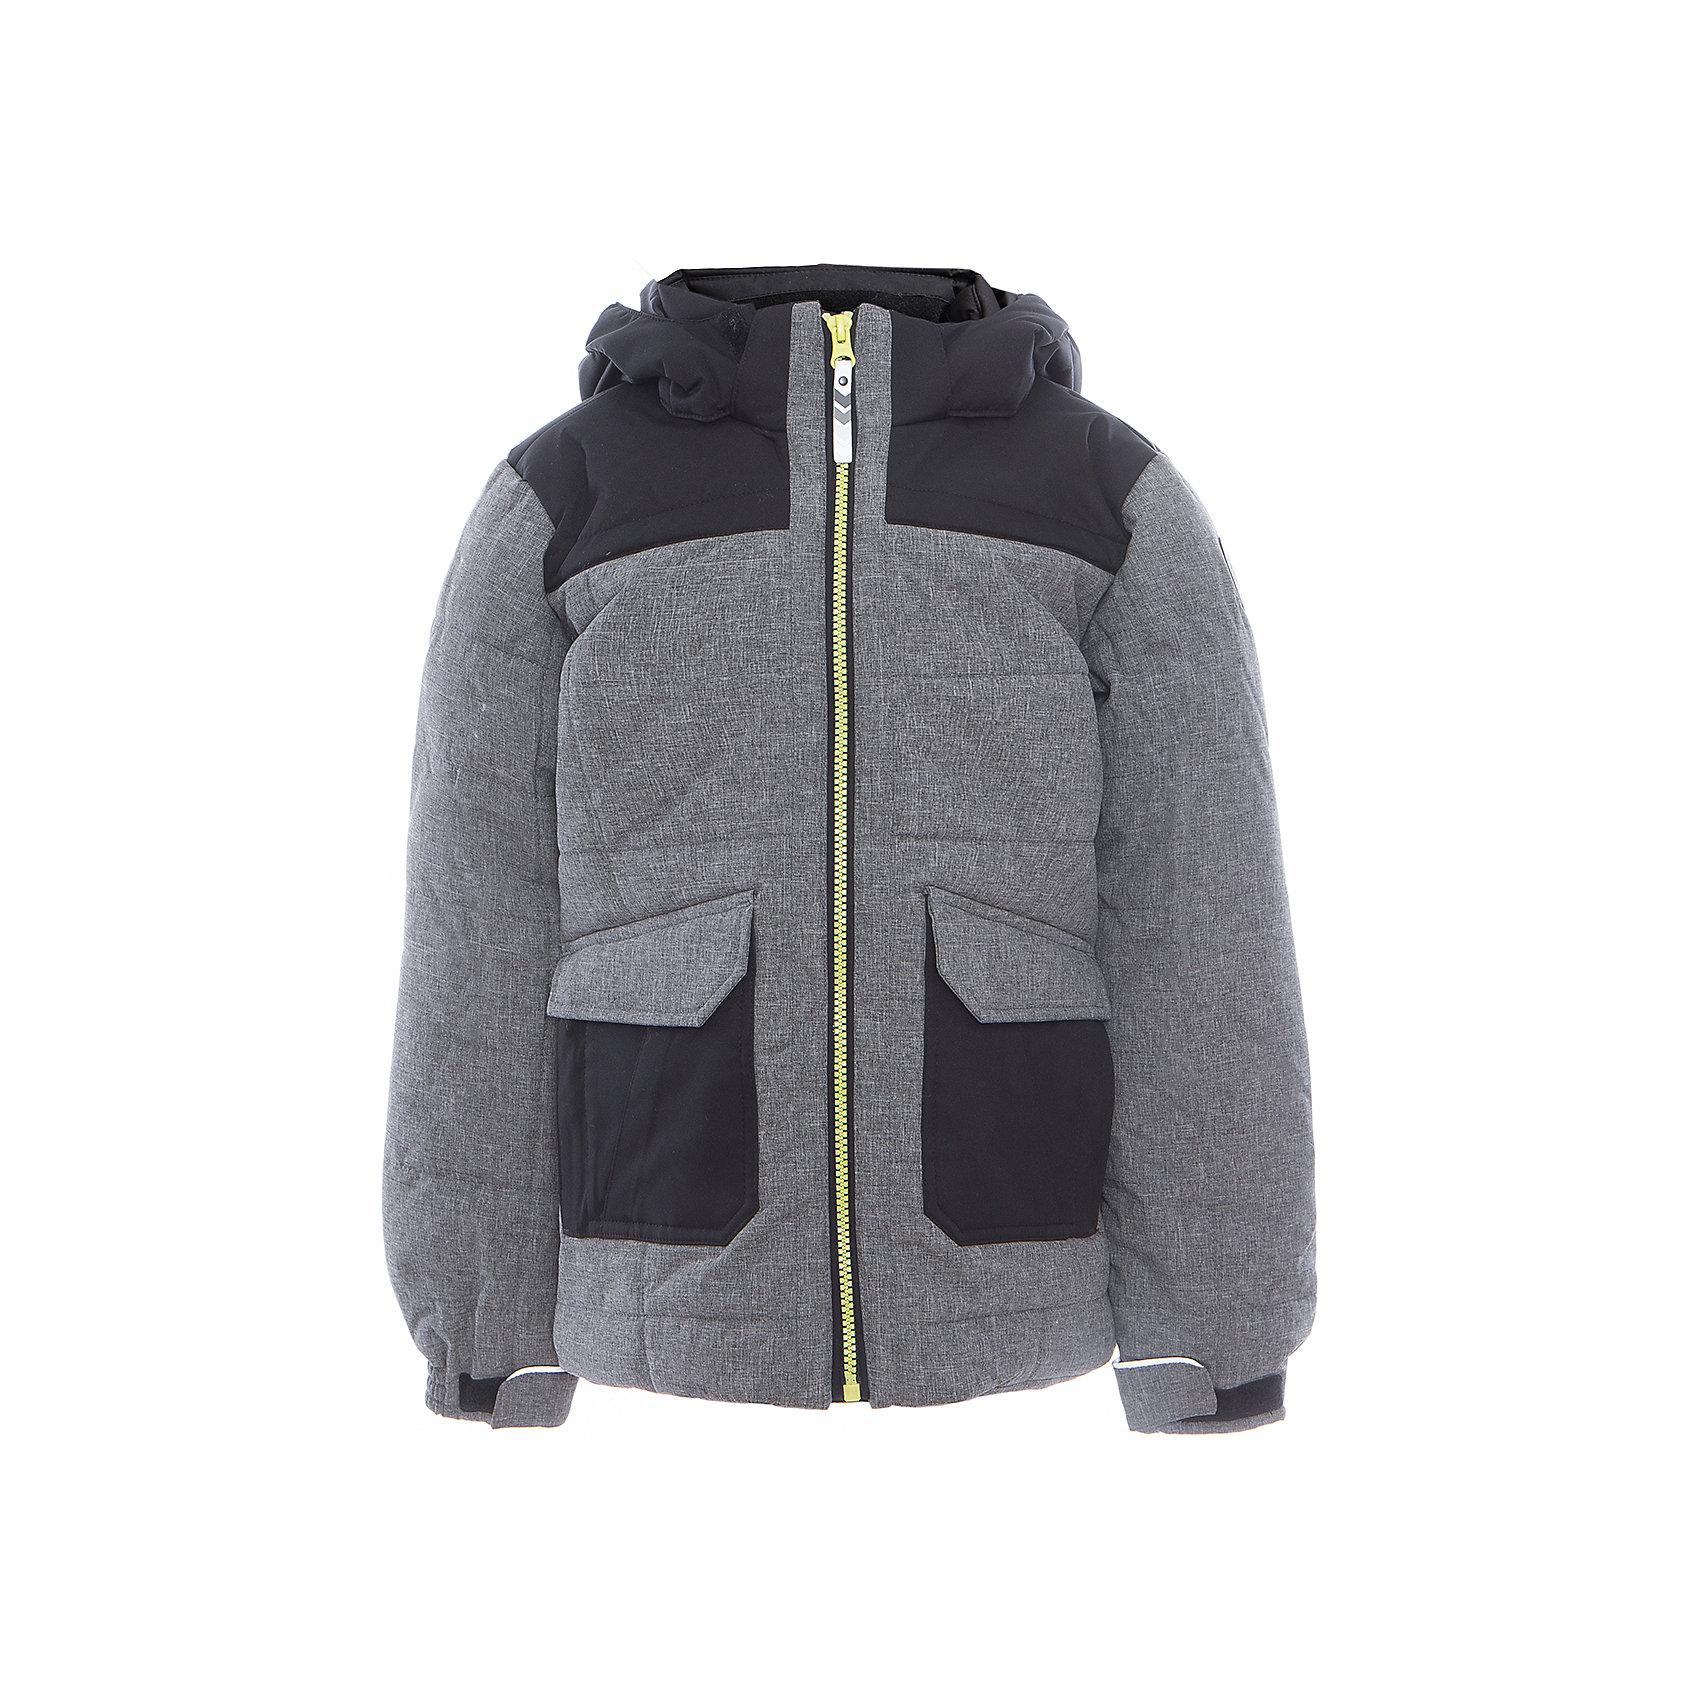 Куртка для мальчика ICEPEAKОдежда<br>Куртка для мальчика от известного бренда ICEPEAK.<br>Куртка с отстегивающимся капюшоном, материал куртки состоит из двух типов ткани: карманы и плечевая часть и капюшон -однотонная ткань, остальная часть куртки -ткань меланж, сформированный локоть, утяжка в нижней части куртки, регулируемый манжет на липучке, карман в левой части куртки на молнии, утепленные и мягкие боковые карманы на молнии, мягкий и теплый внутренний воротник, светоотражающие элементы, искусственный утеплитель Finnwad, утепление 220/220 гр., рекомендуемый температурный режим до -30 град.,Icetech 3 000/3000, 2-layer, Children's safety, Reflectors<br>Состав:<br>100% полиэстер<br><br>Ширина мм: 356<br>Глубина мм: 10<br>Высота мм: 245<br>Вес г: 519<br>Цвет: серый<br>Возраст от месяцев: 180<br>Возраст до месяцев: 192<br>Пол: Мужской<br>Возраст: Детский<br>Размер: 176,128,140,164<br>SKU: 5413931